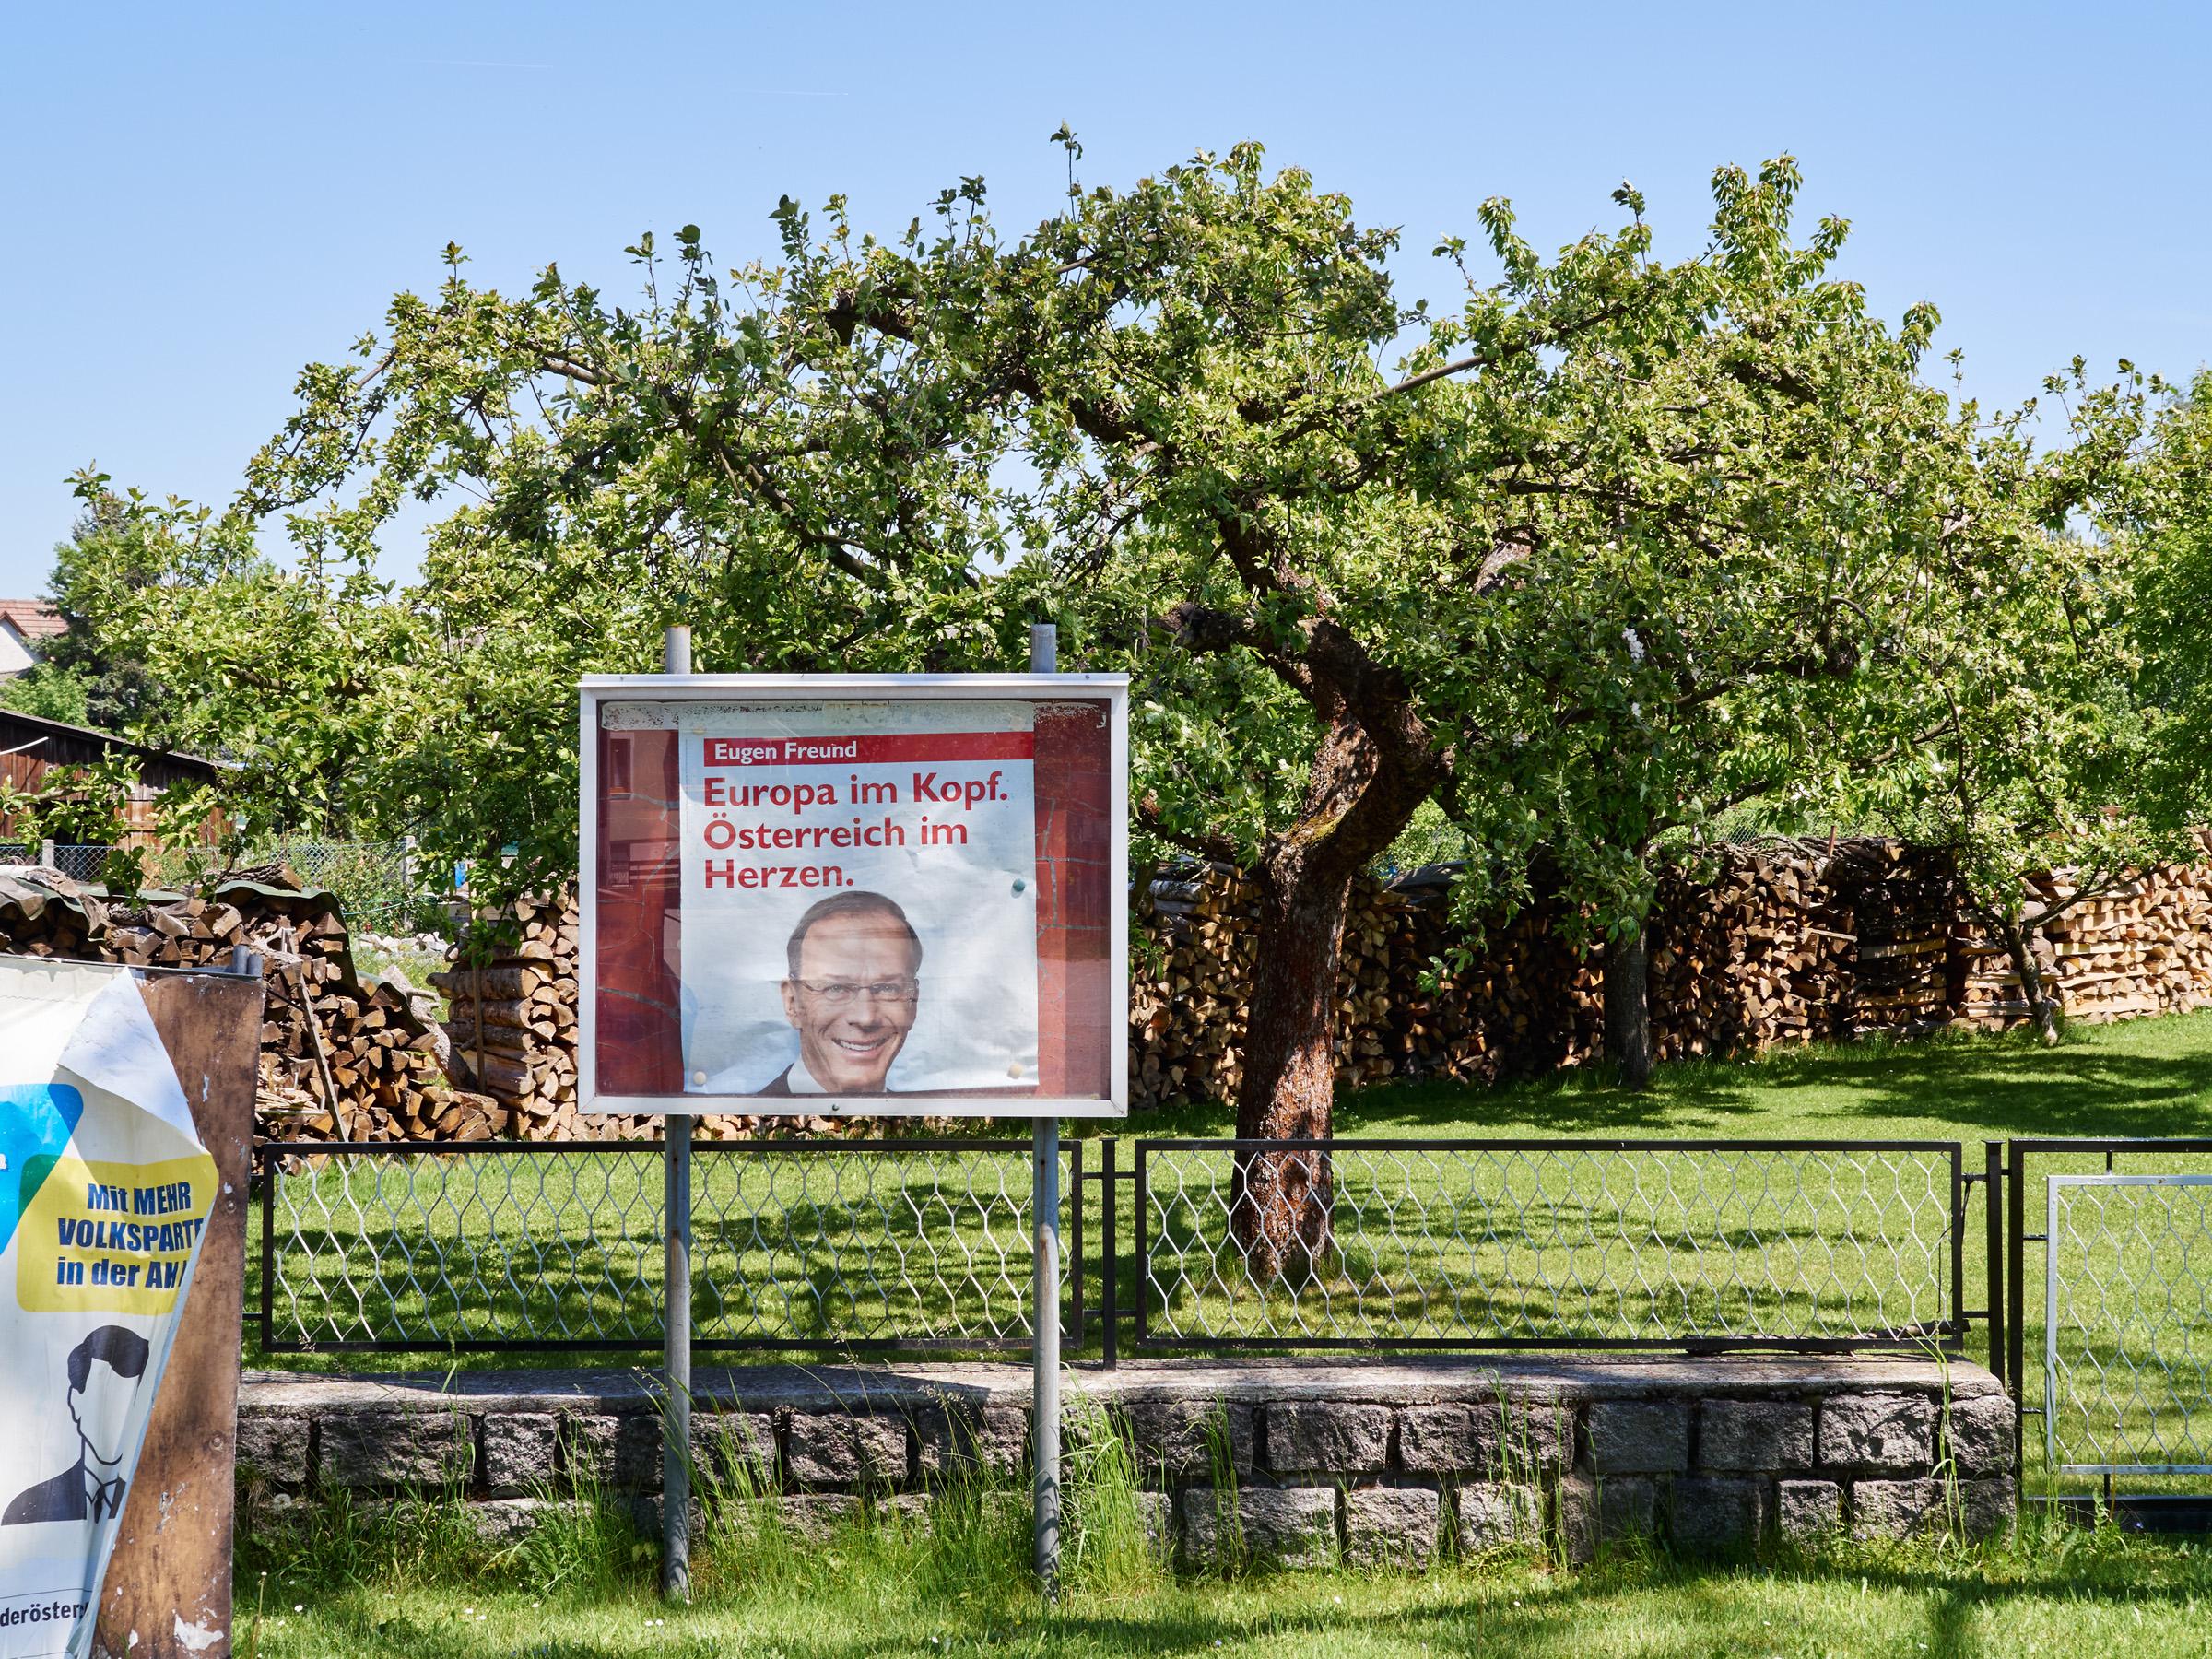 Kottinghörmanns weit 2014-05-21.jpg